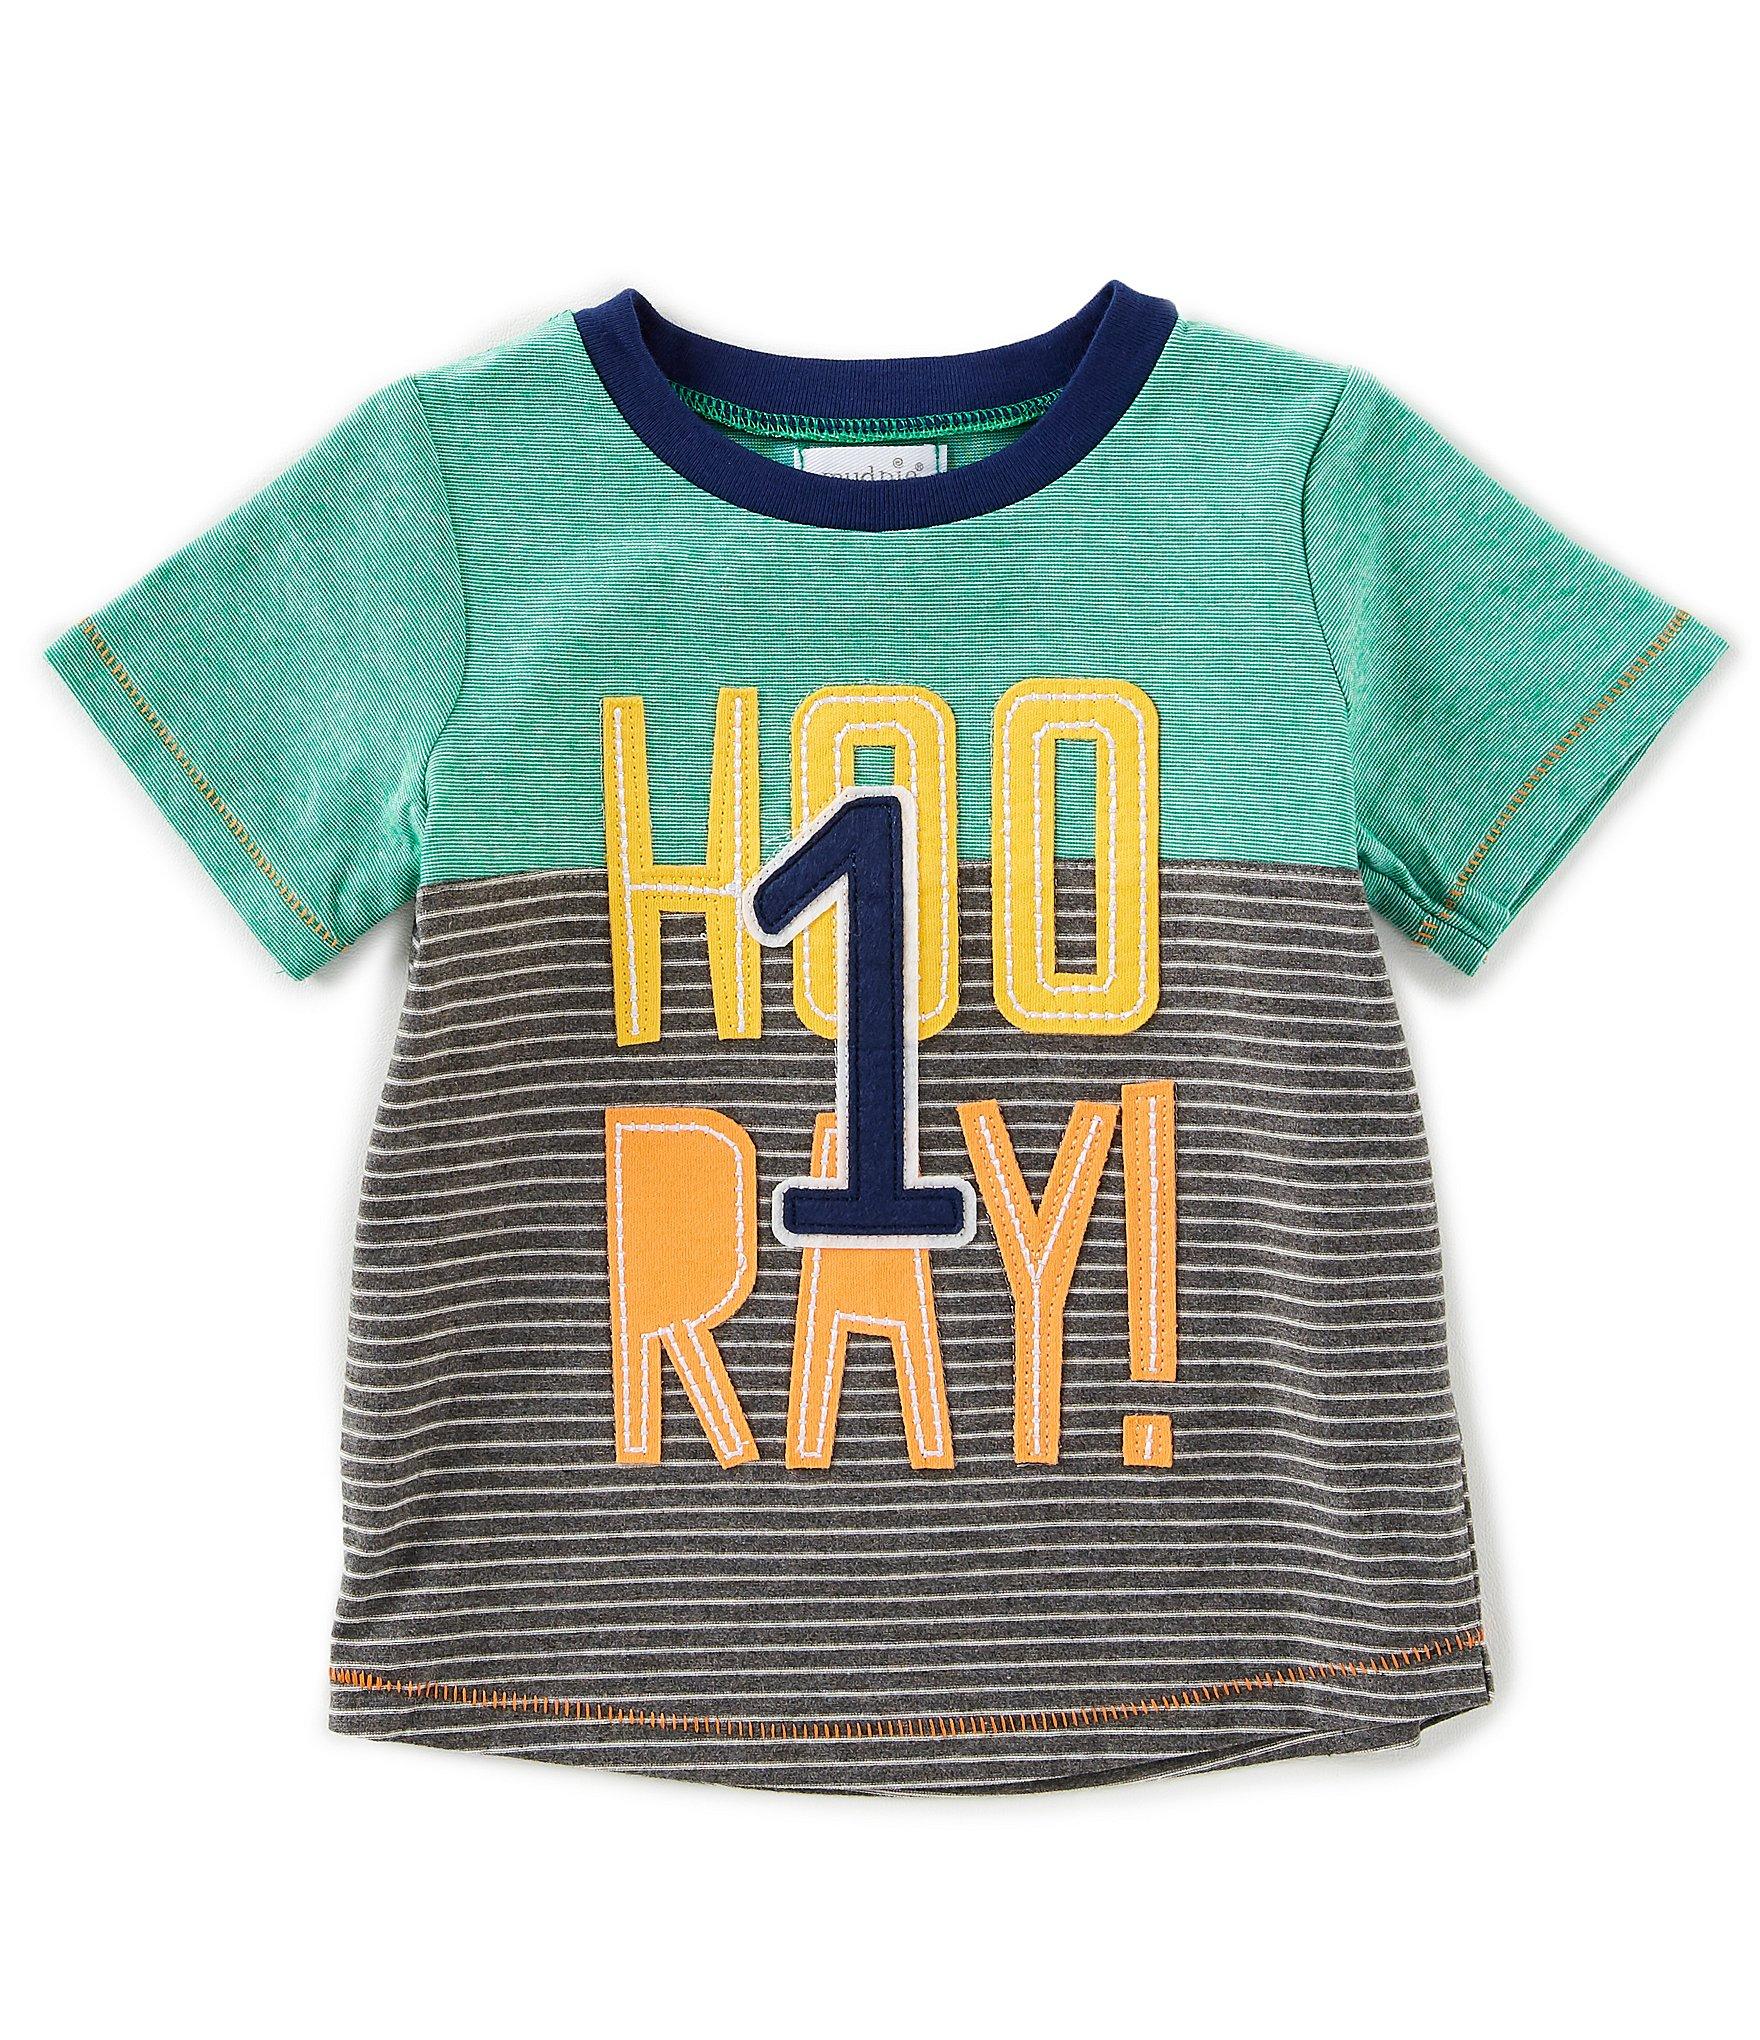 db667a1ca Mud Pie Baby Boys Clothing